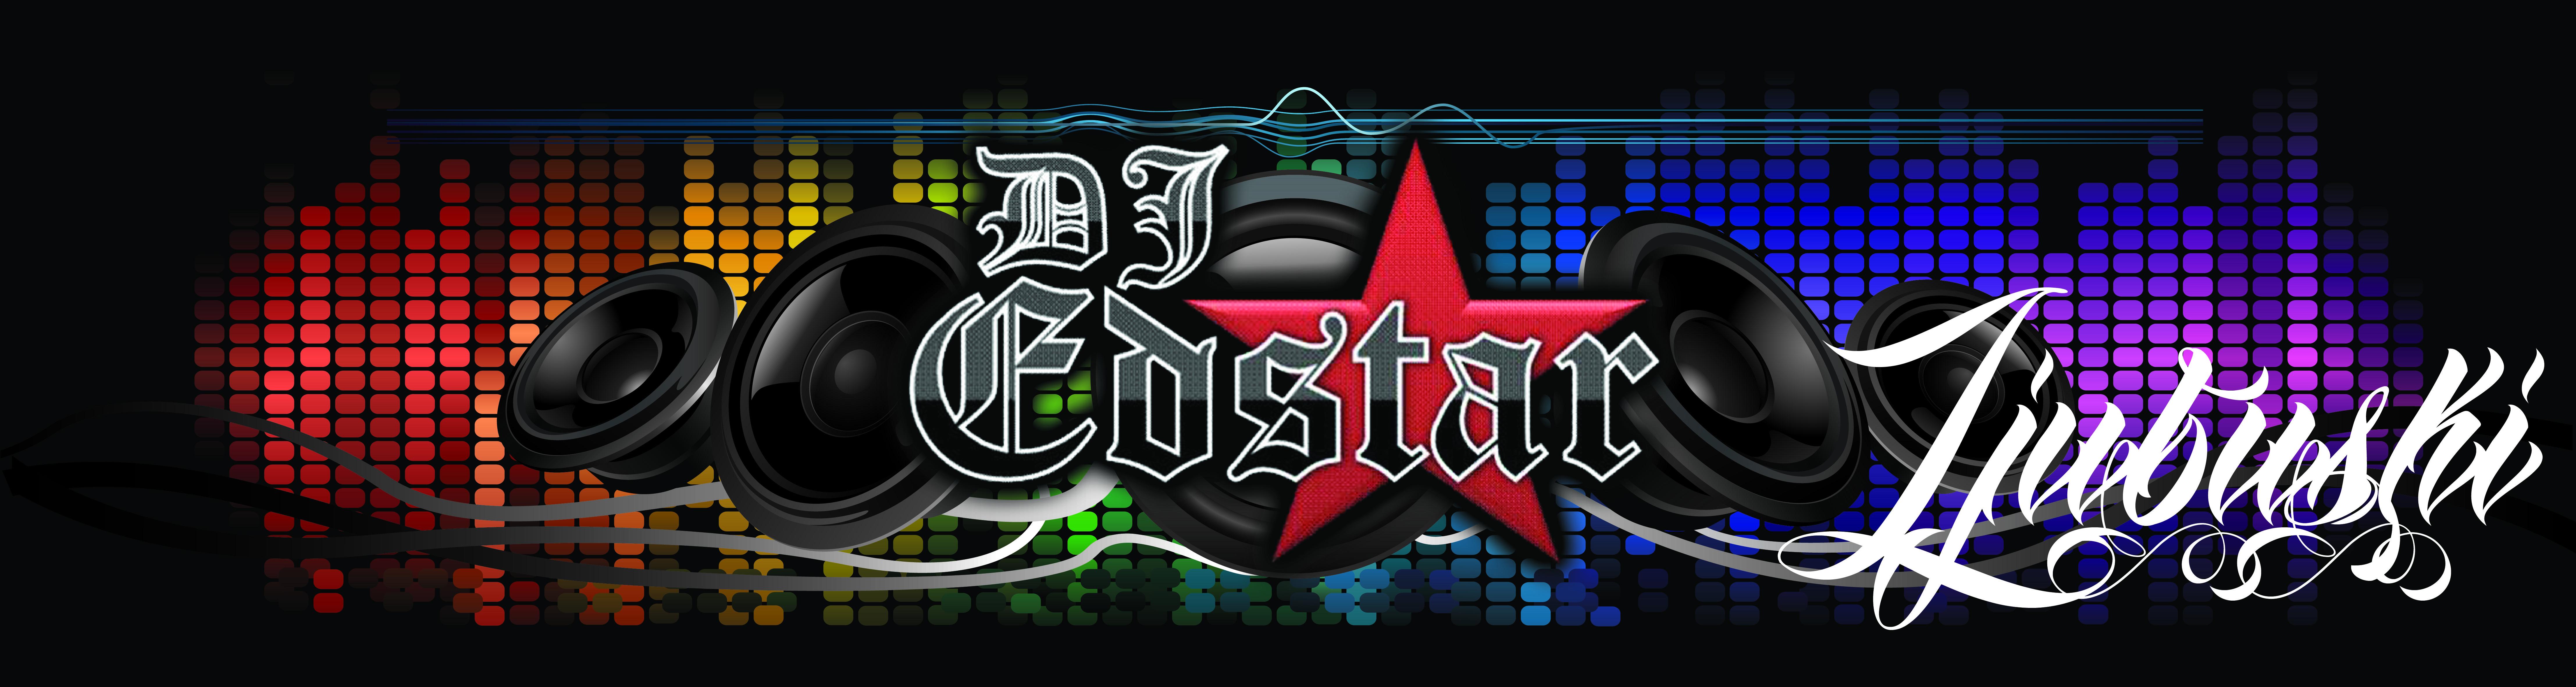 Dj Ed Star-01